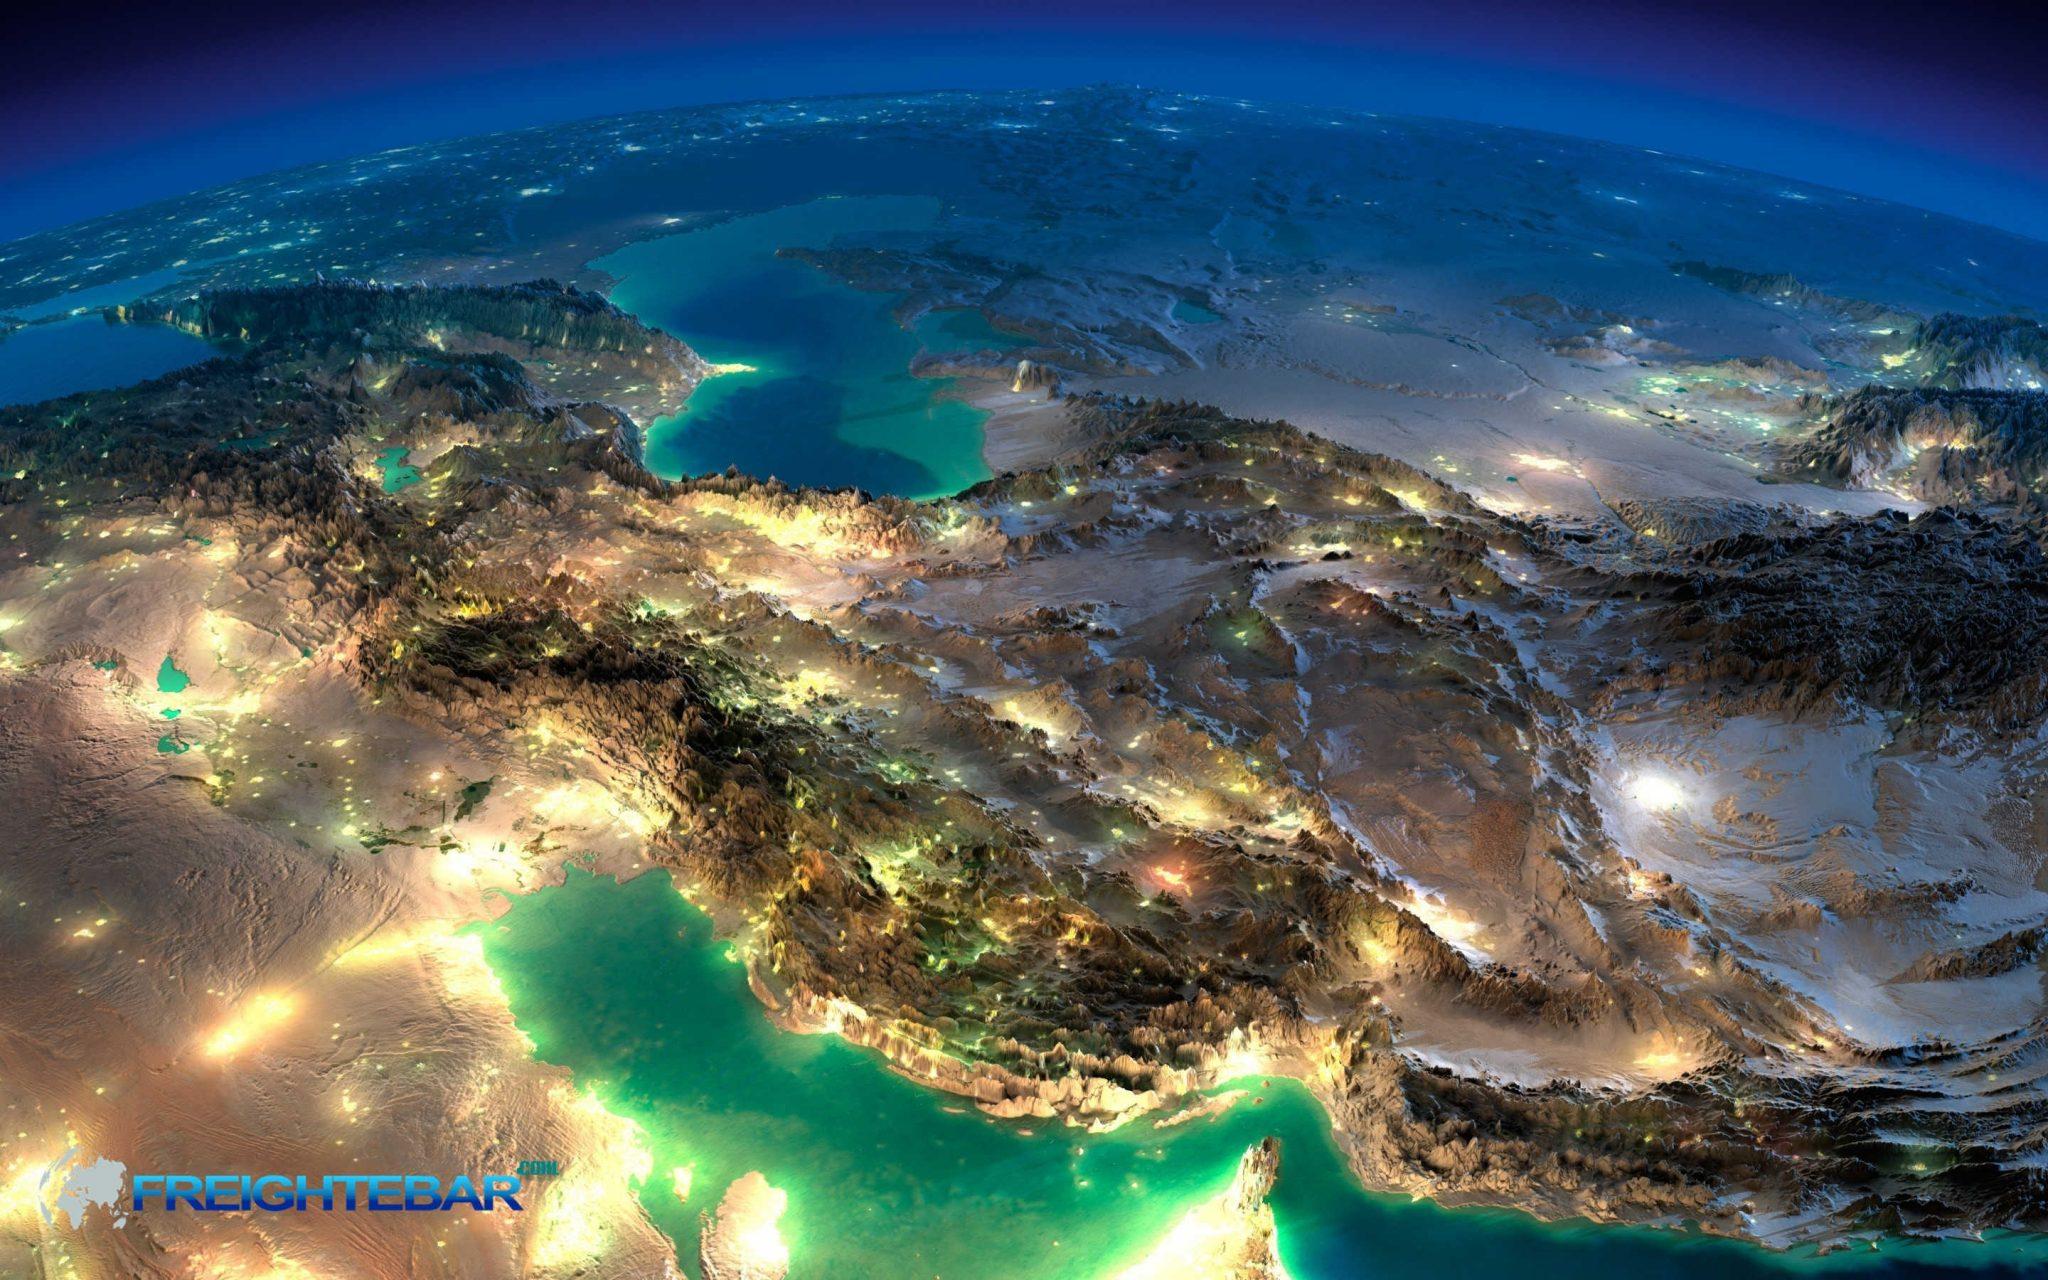 فریت بار به کشورهای خلیج فارس